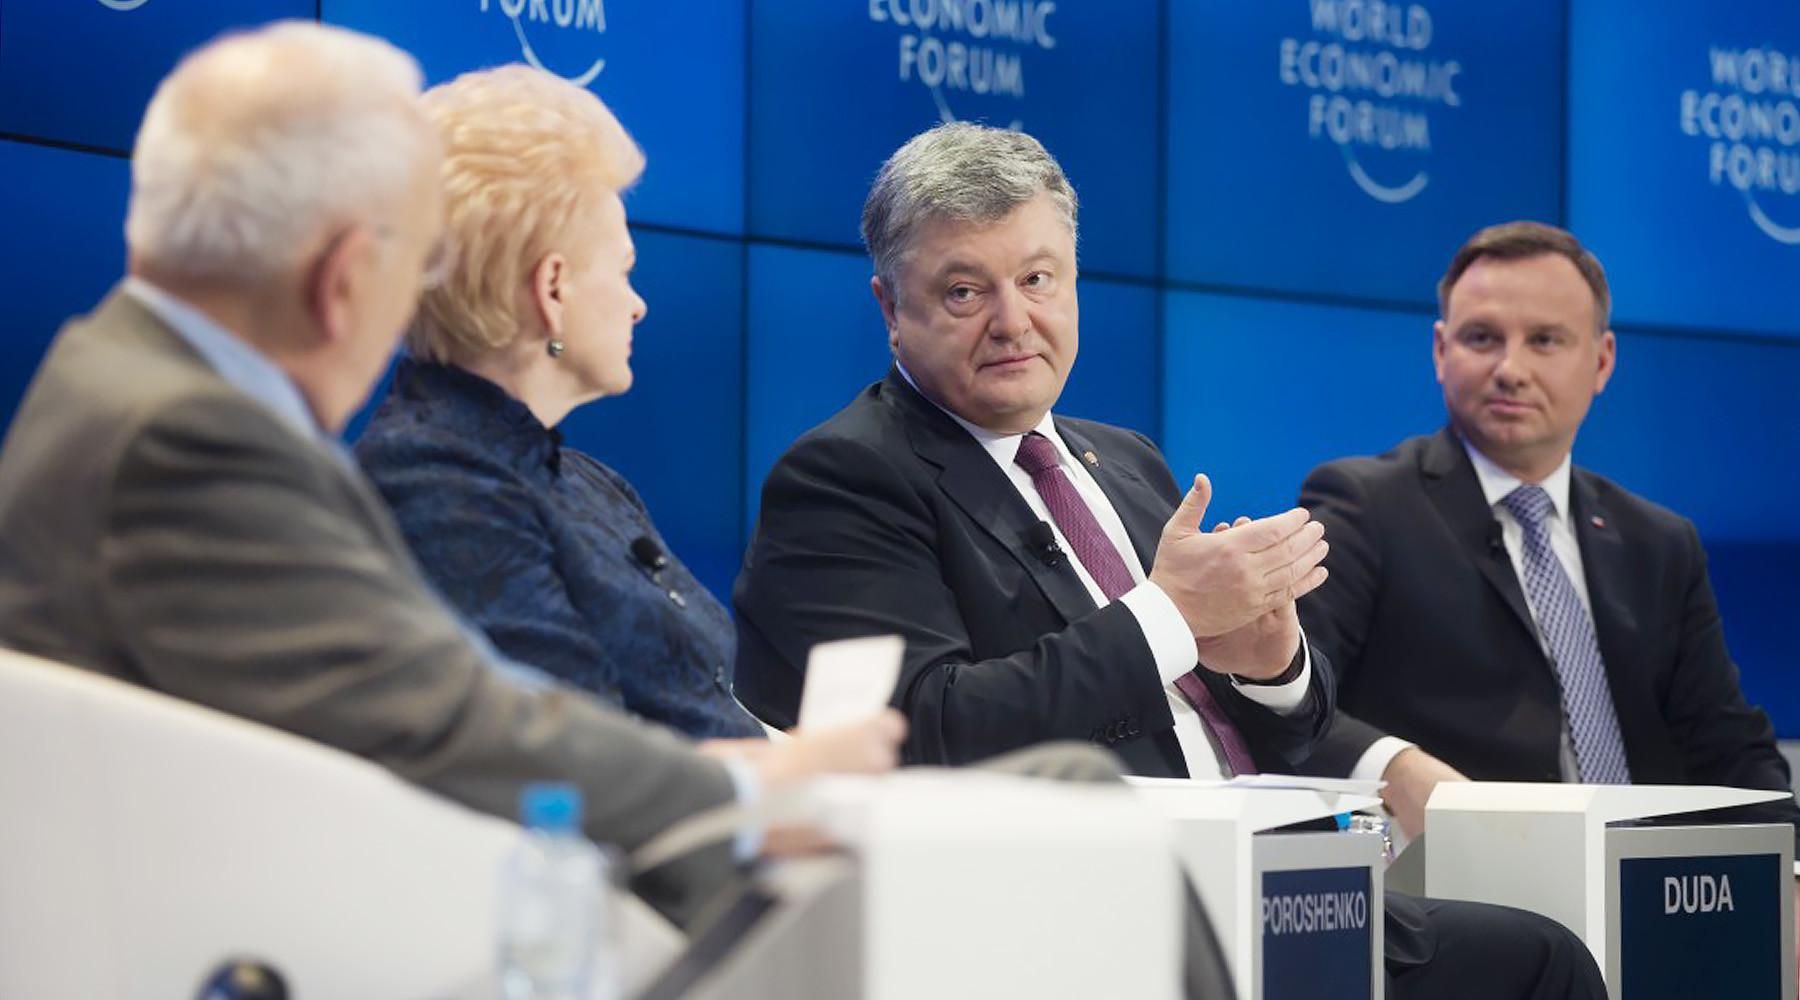 Минфин США разъяснил введение новых санкций против российских официальных лиц